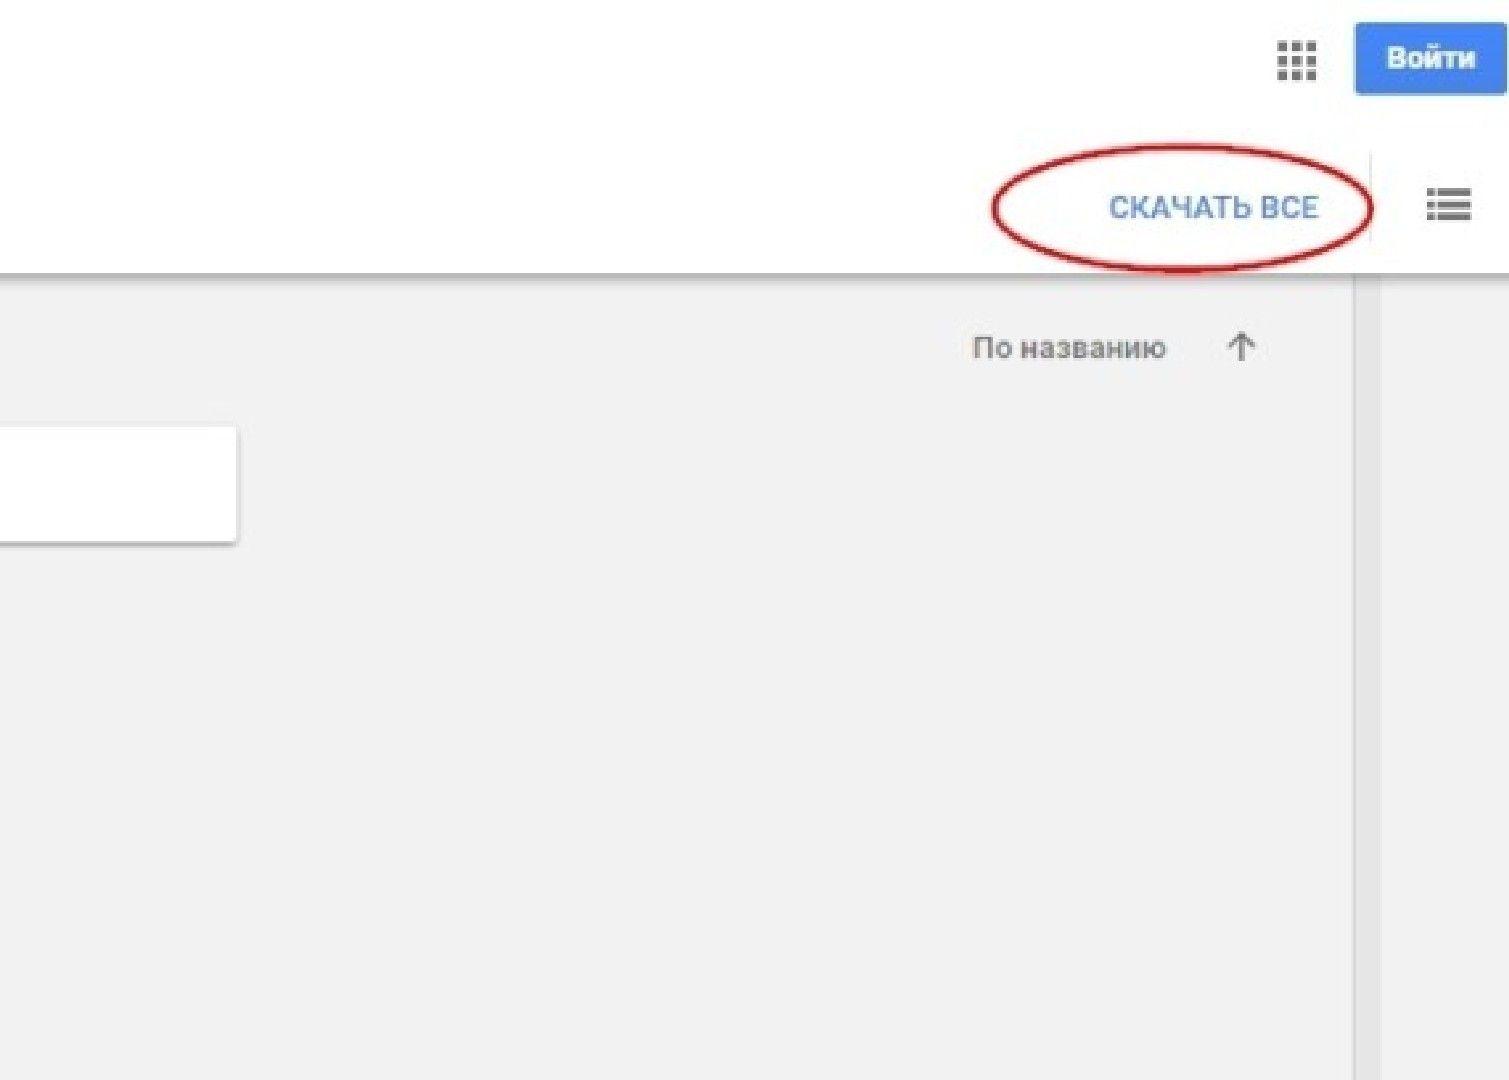 Как скачать с гугл Диска незарегистрированному пользователю